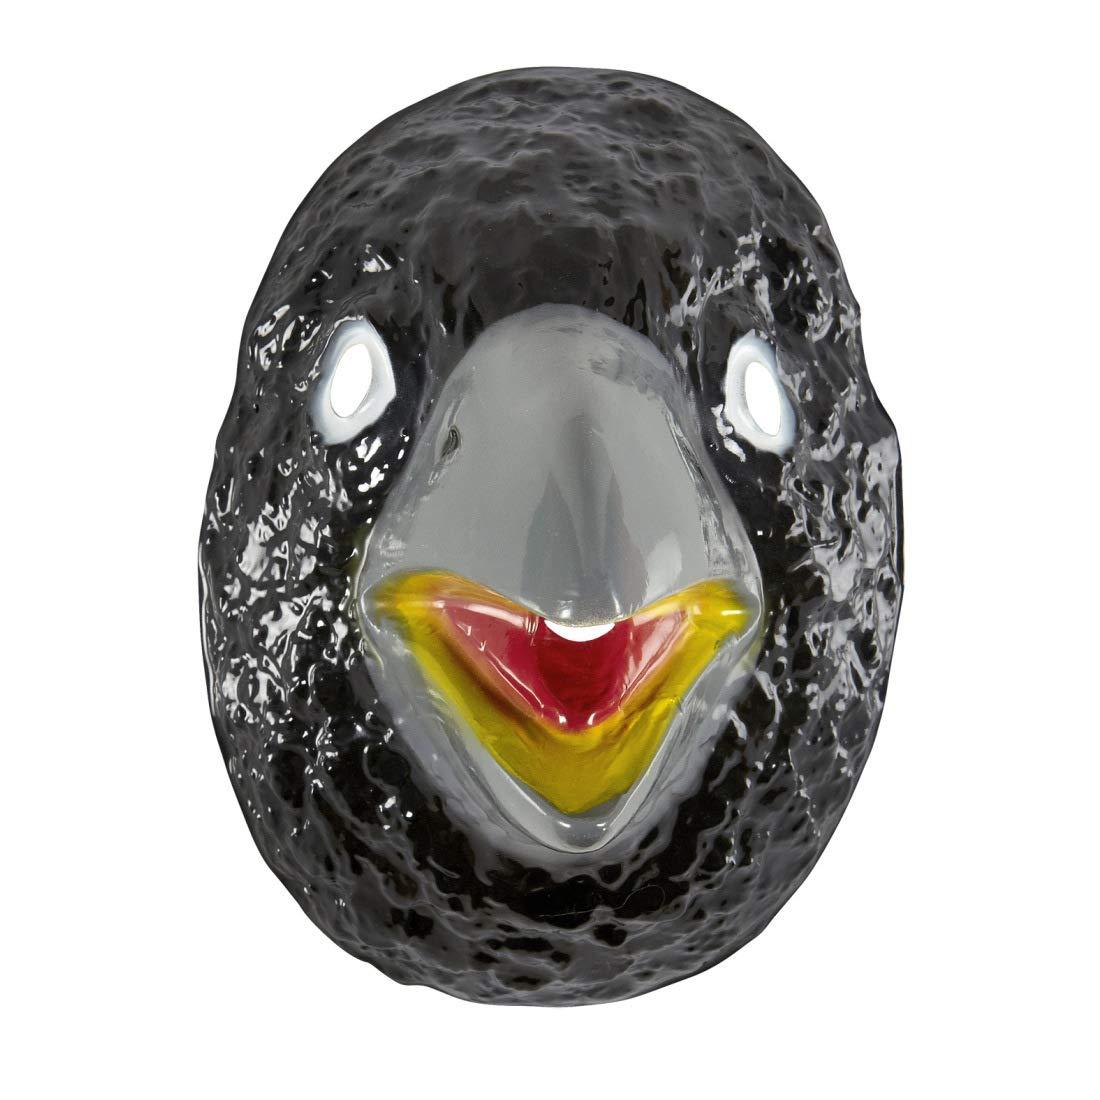 NET TOYS Má scara de Cuervo Rasputin para niñ o y niñ a | Negro-Gris | Original má scara Infantil Mascara de Ave Cuervo | Ideal para carnavales y Festivales